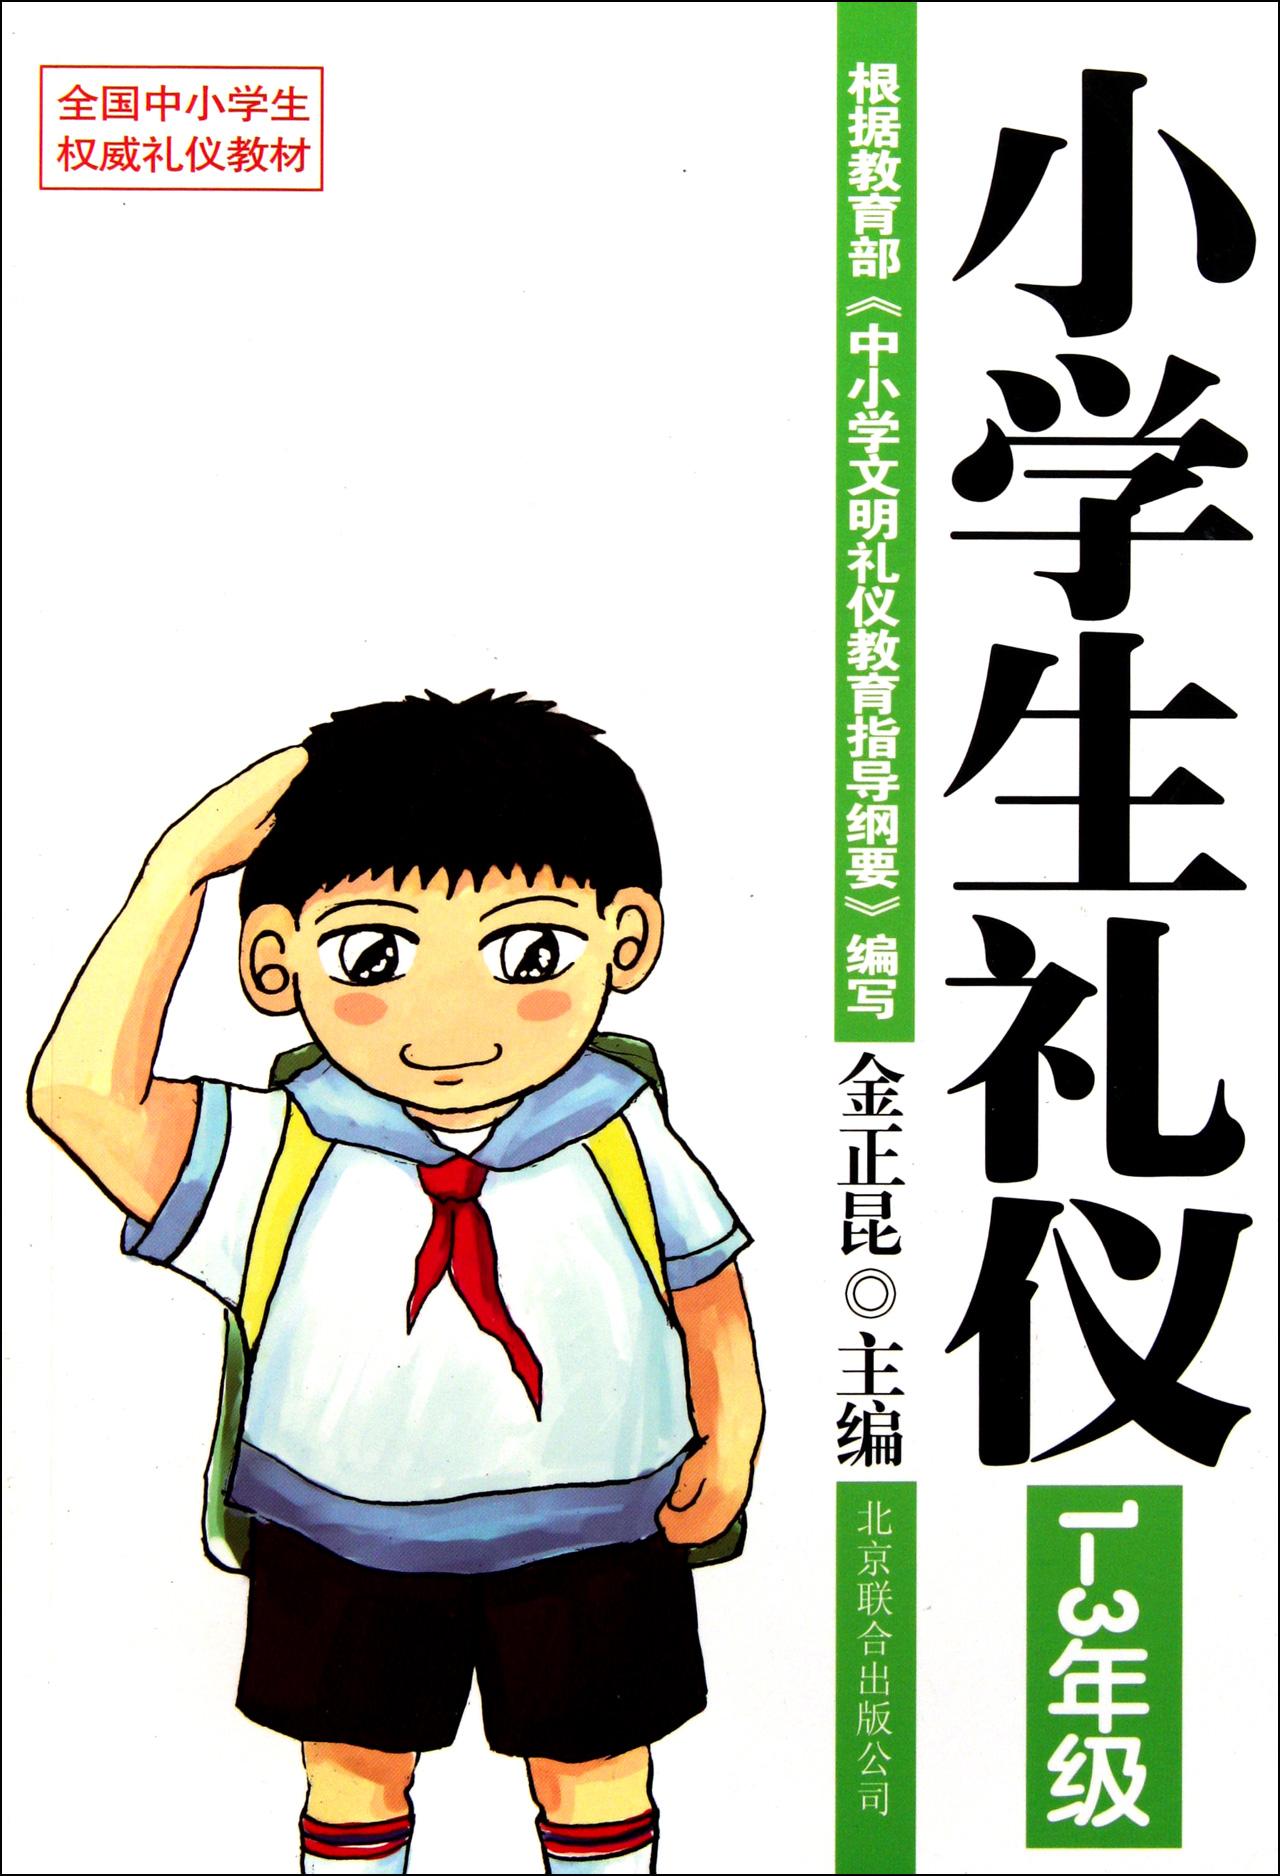 小学生礼仪(1-3年级)